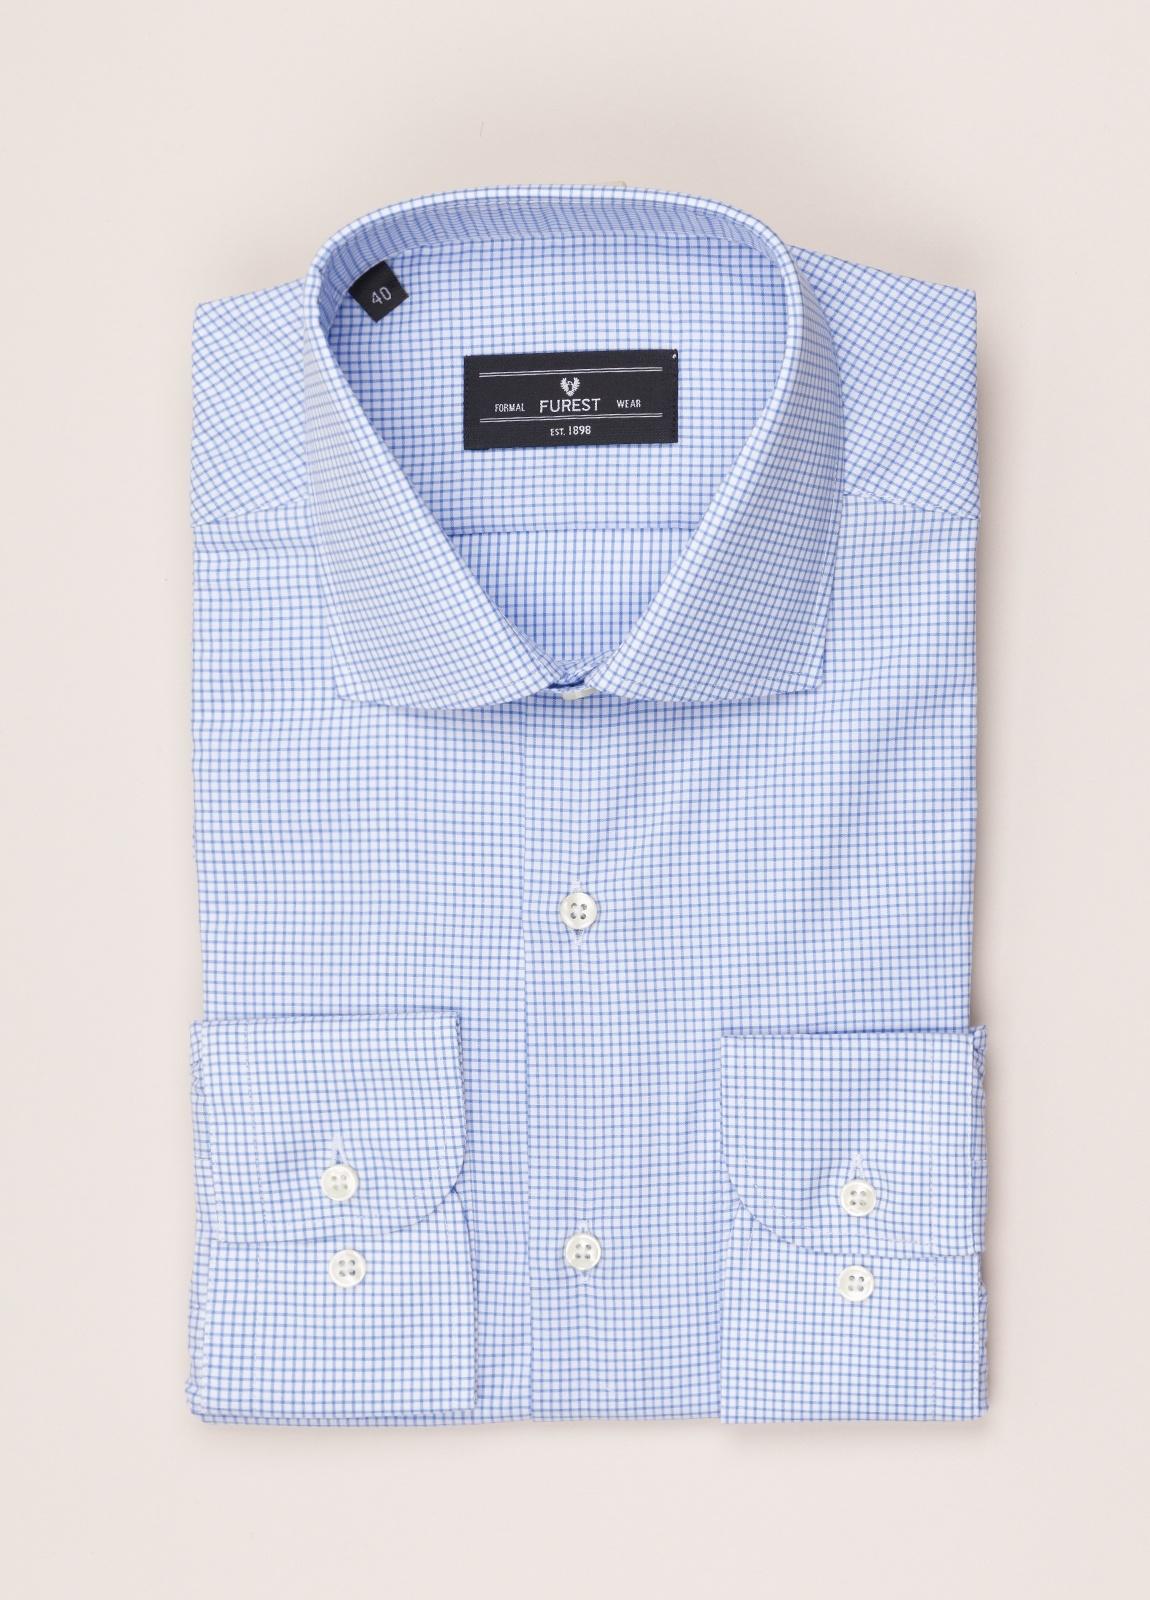 Camisa vestir FUREST COLECCIÓN regular fit cuello italiano cuadro libreta azul